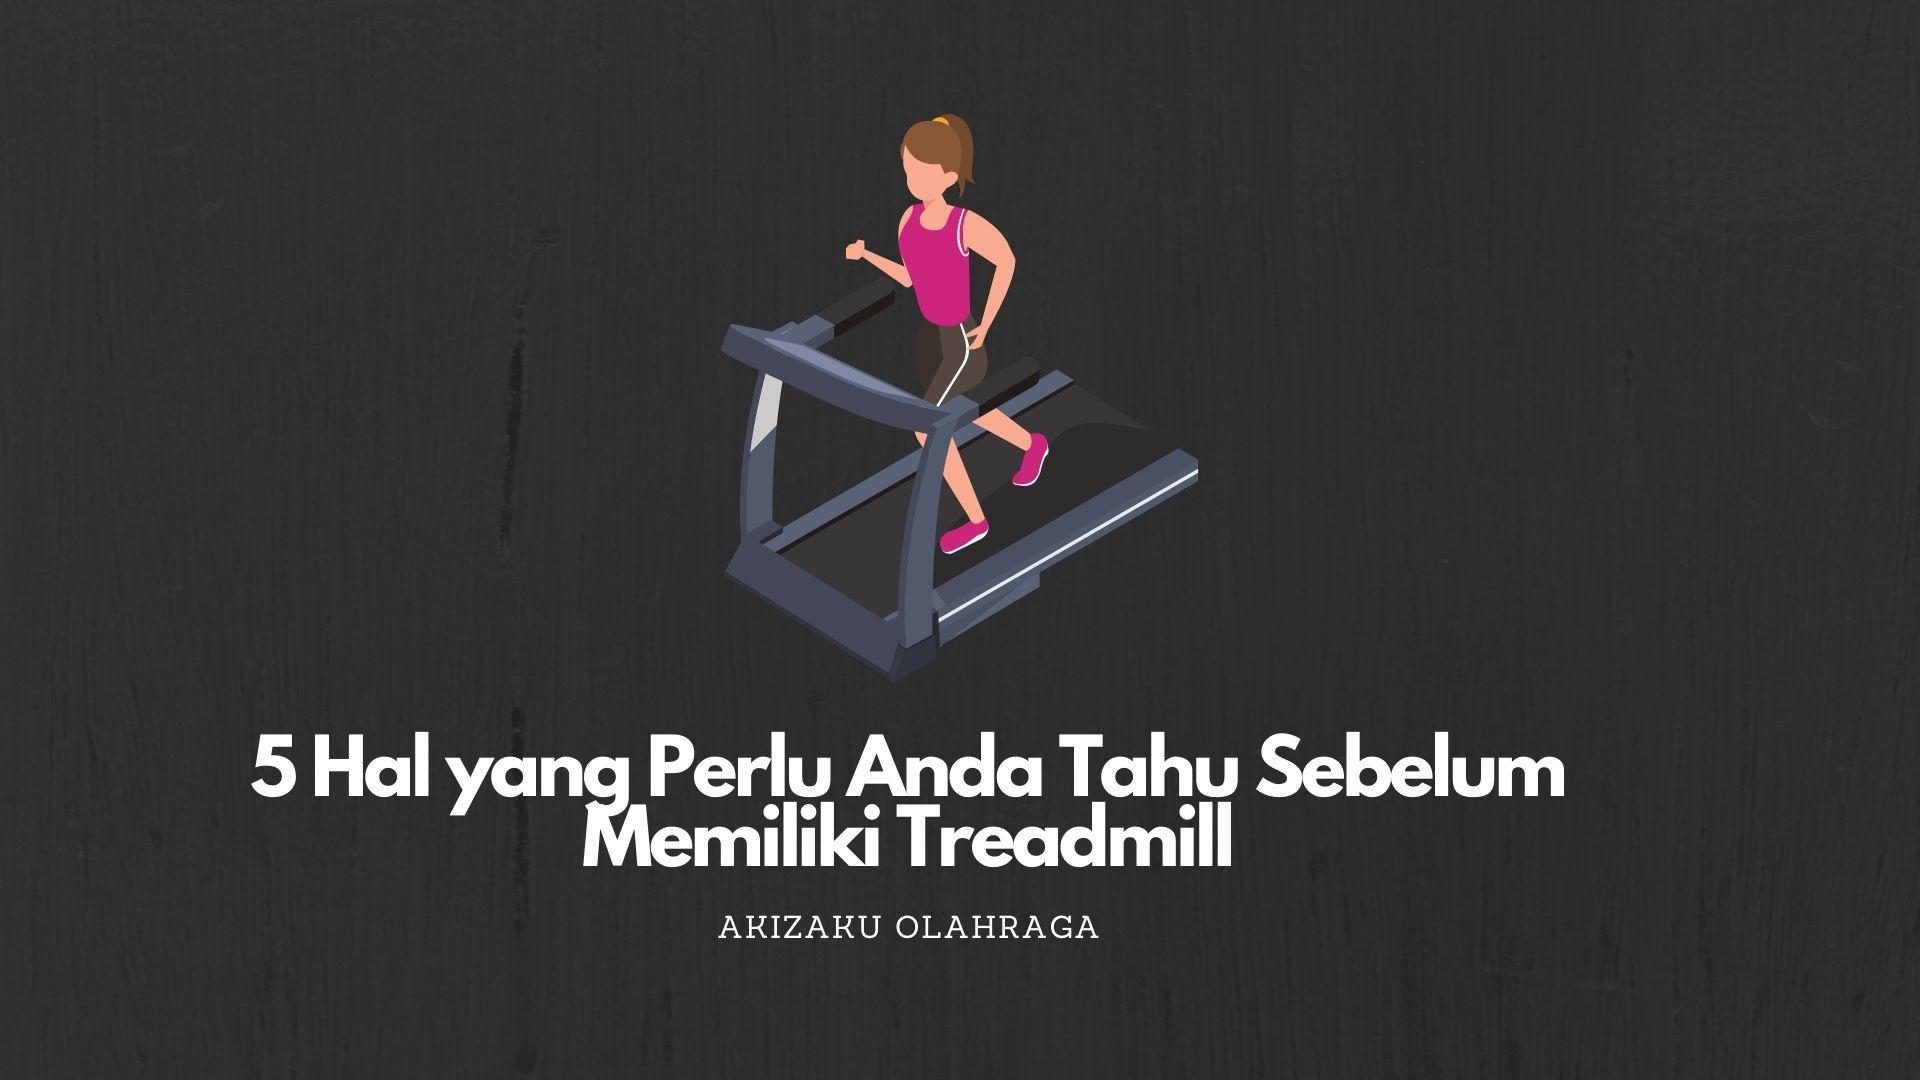 [Image: 5-Hal-yang-Perlu-Anda-Tahu-Sebelum-Memil...admill.jpg]